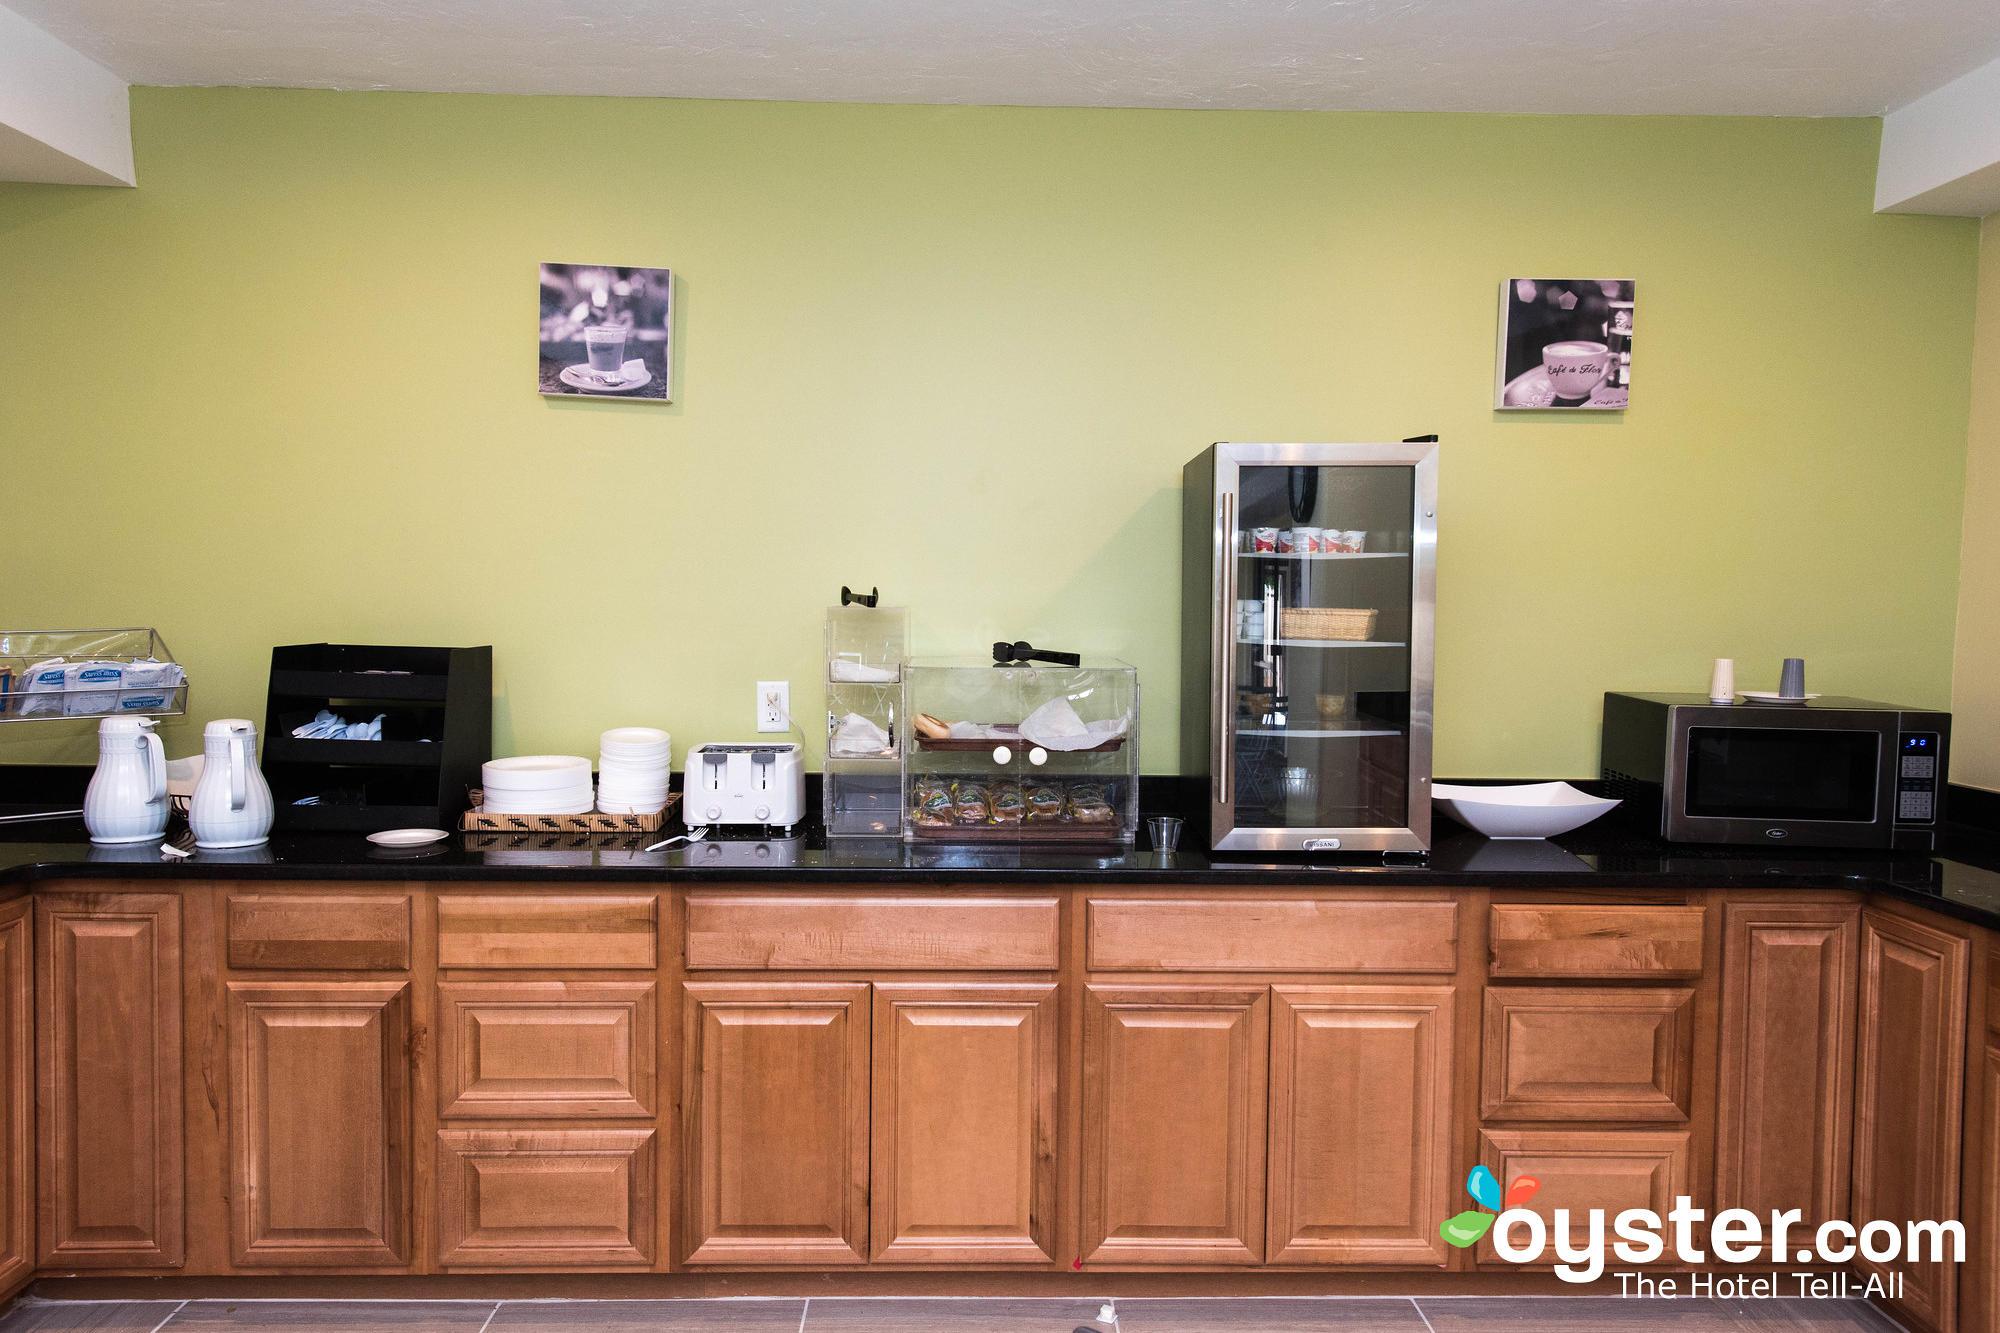 breakfast-room--v13334054-2000.jpg